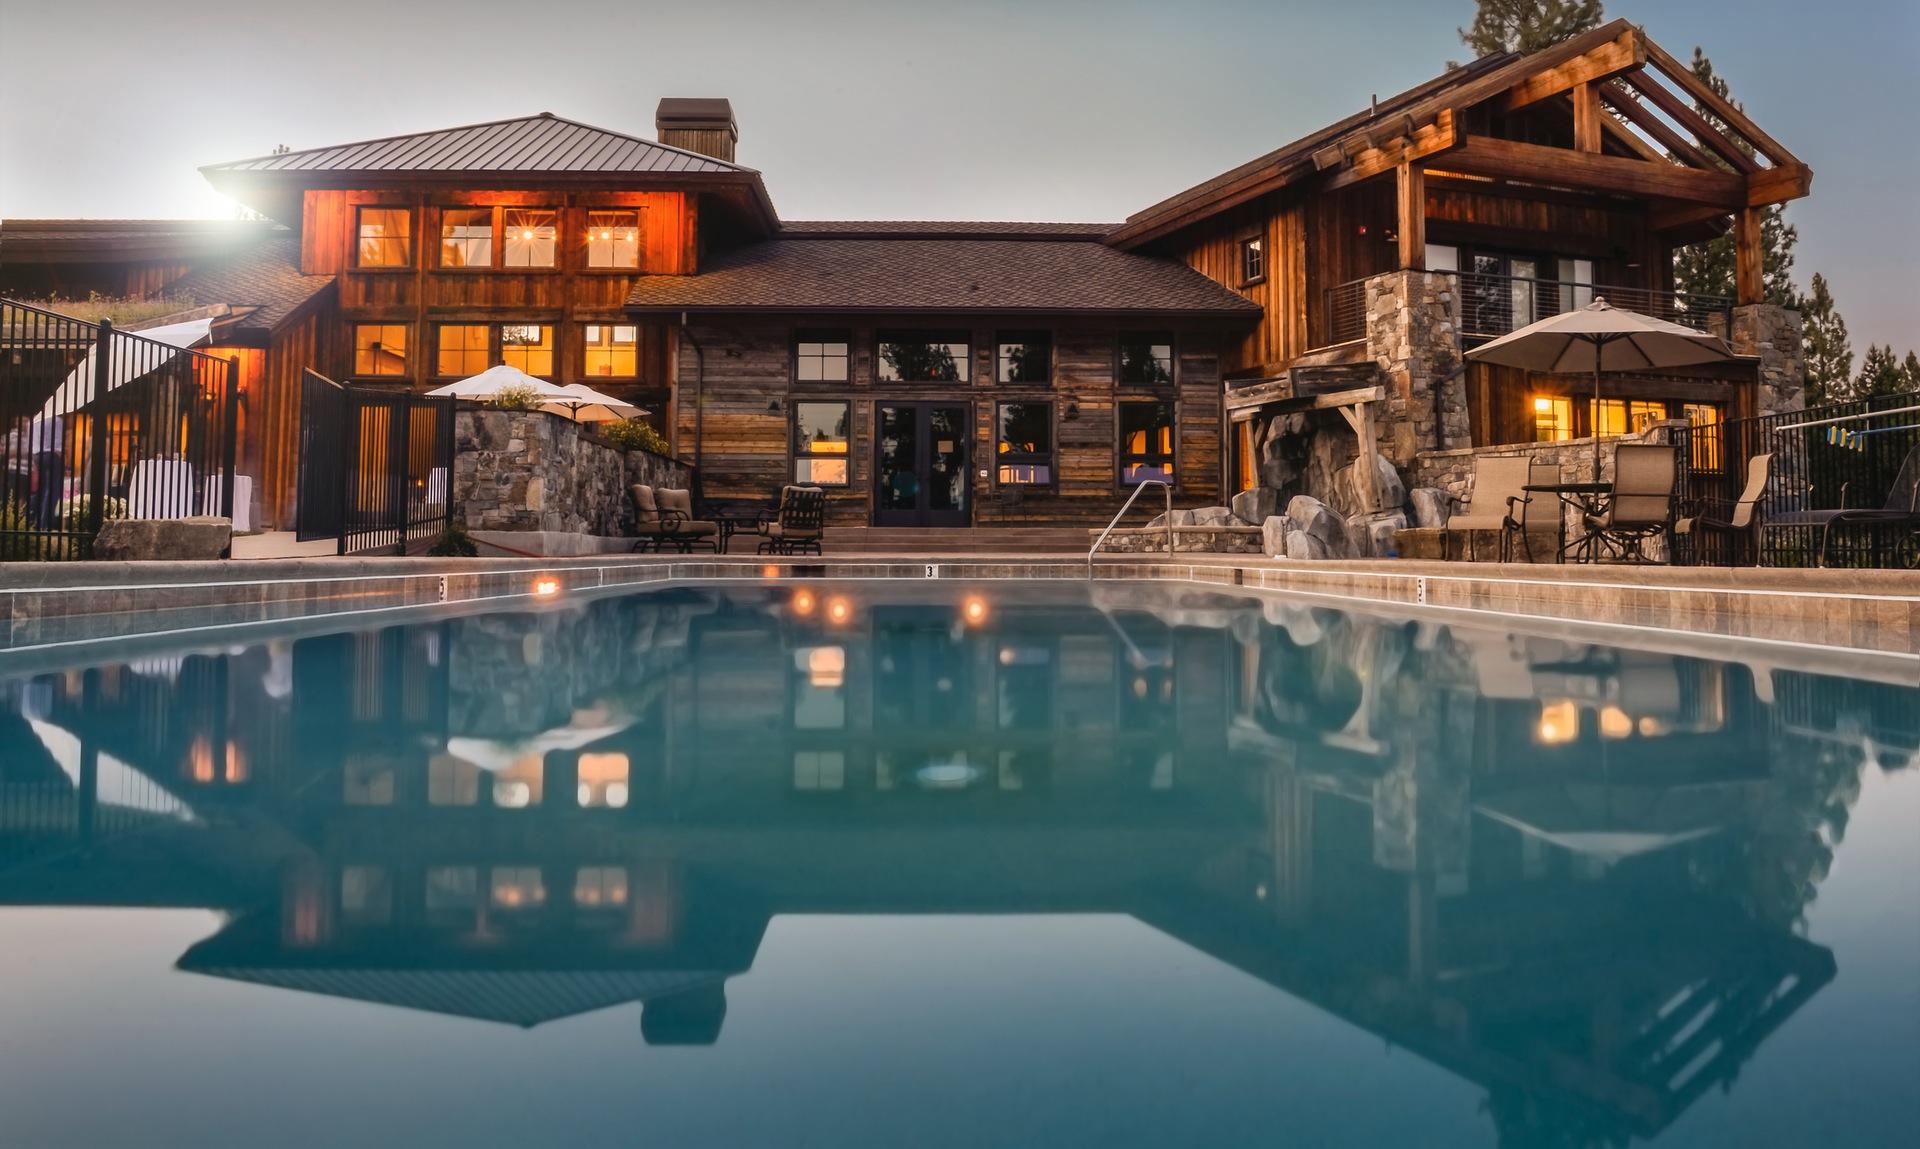 Miliarderzy swoje majątki zawdzięczają nieruchomościom miliarderzy mediarun milirderzy nieruchomosci lifestyle